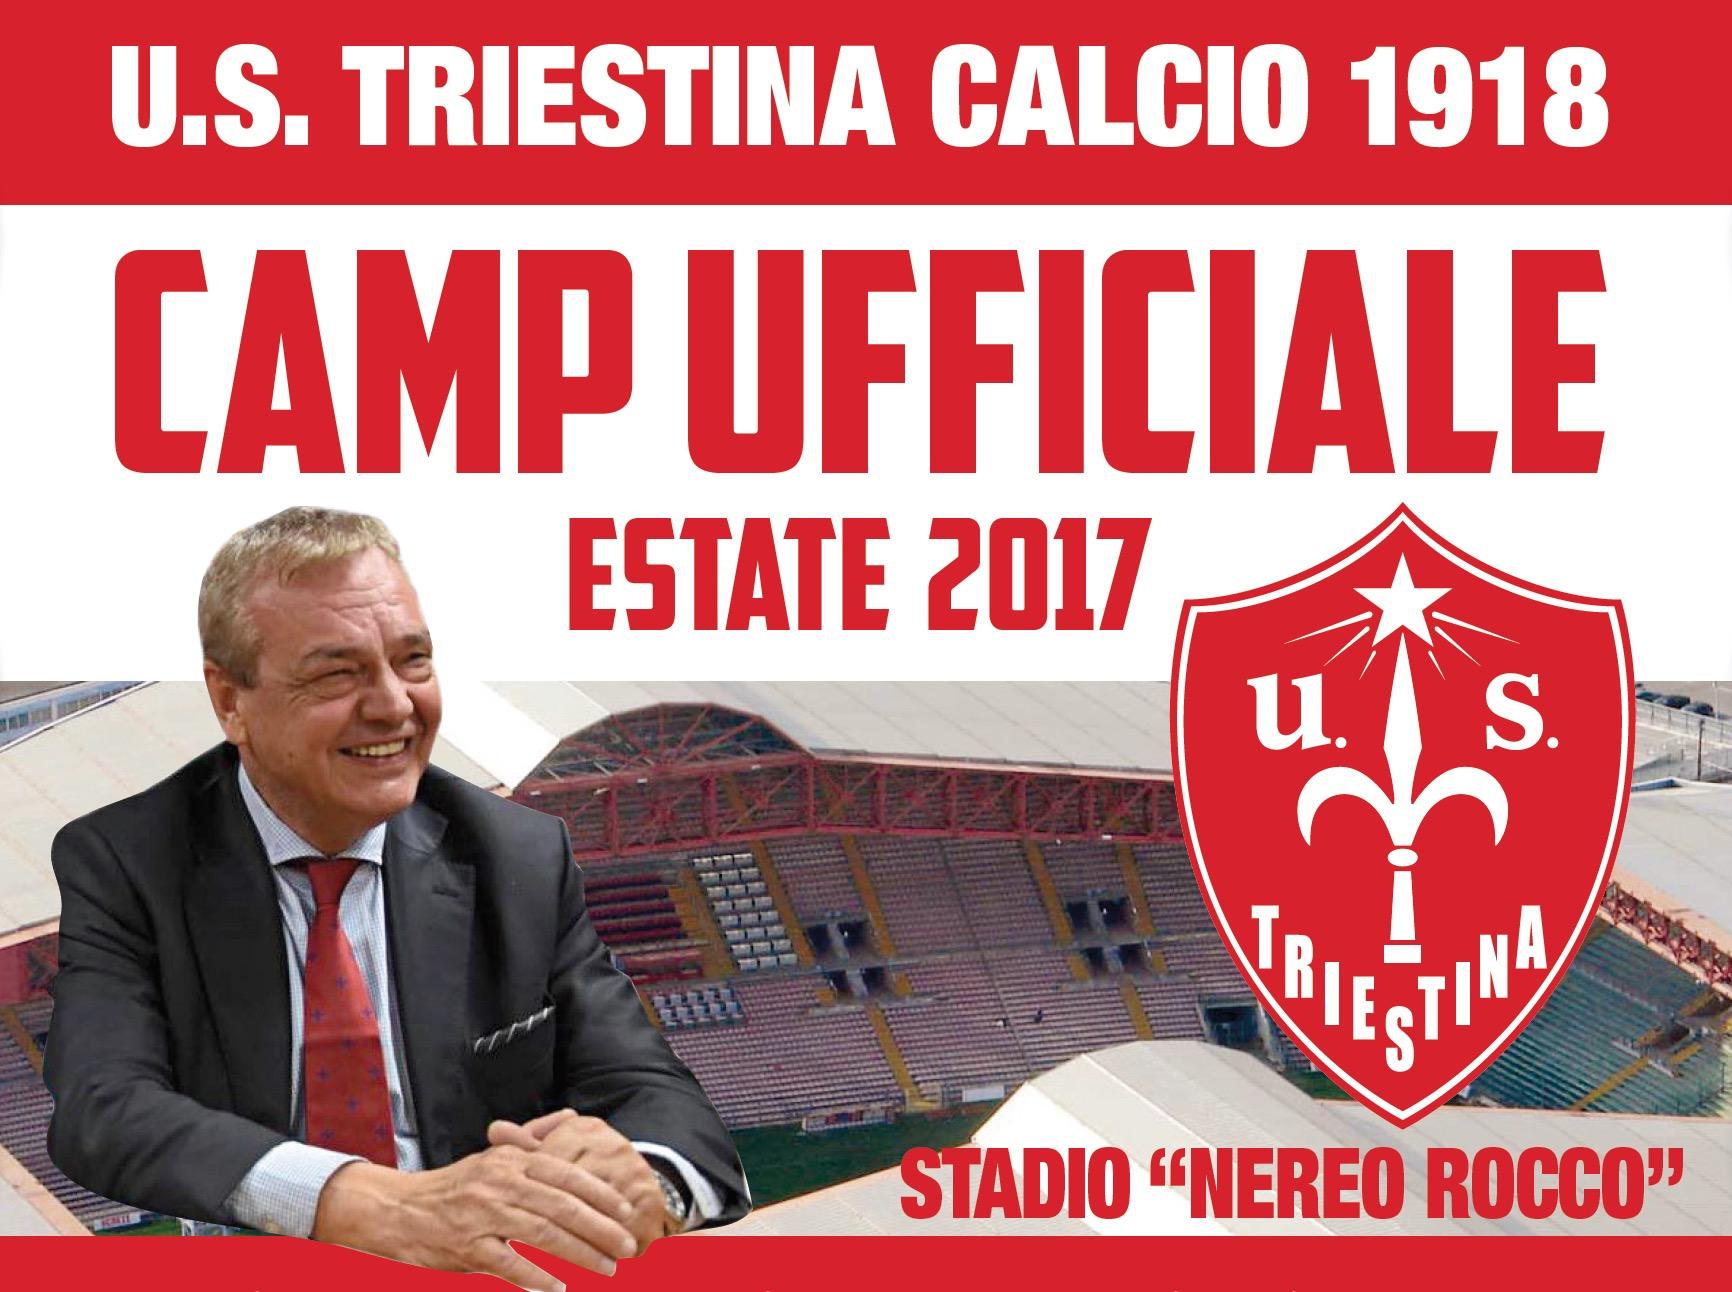 Triestina Camp